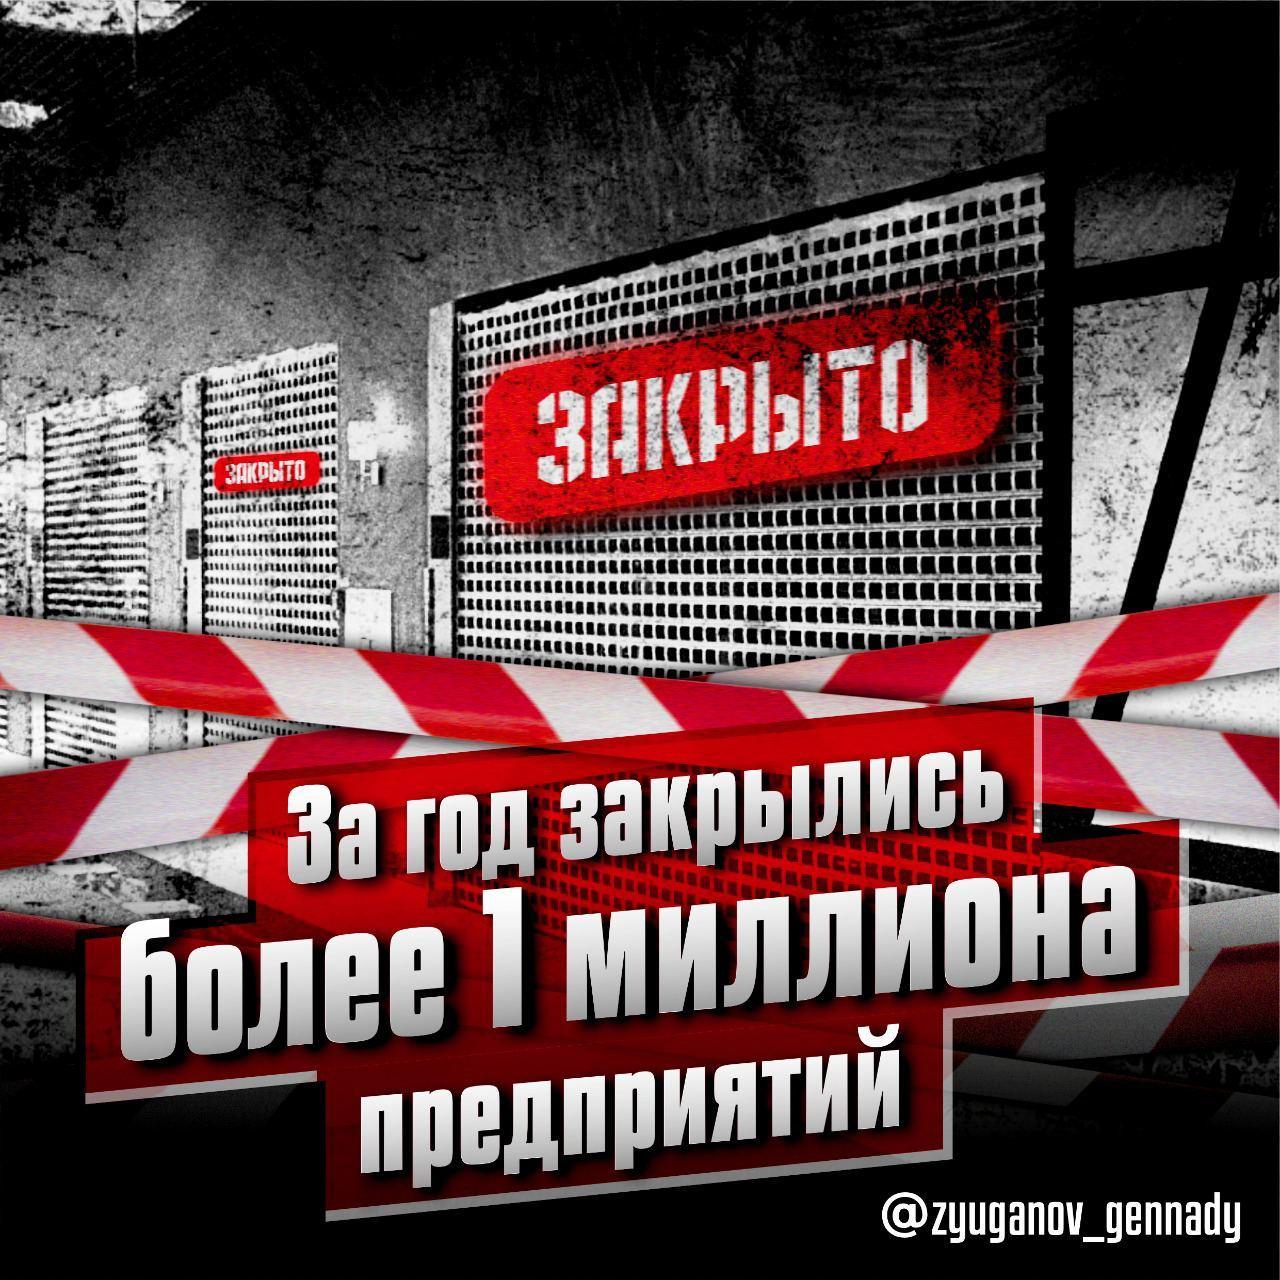 Геннадий Зюганов: За год в России закрылись более 1 миллиона микро-, малых и средних предприятий